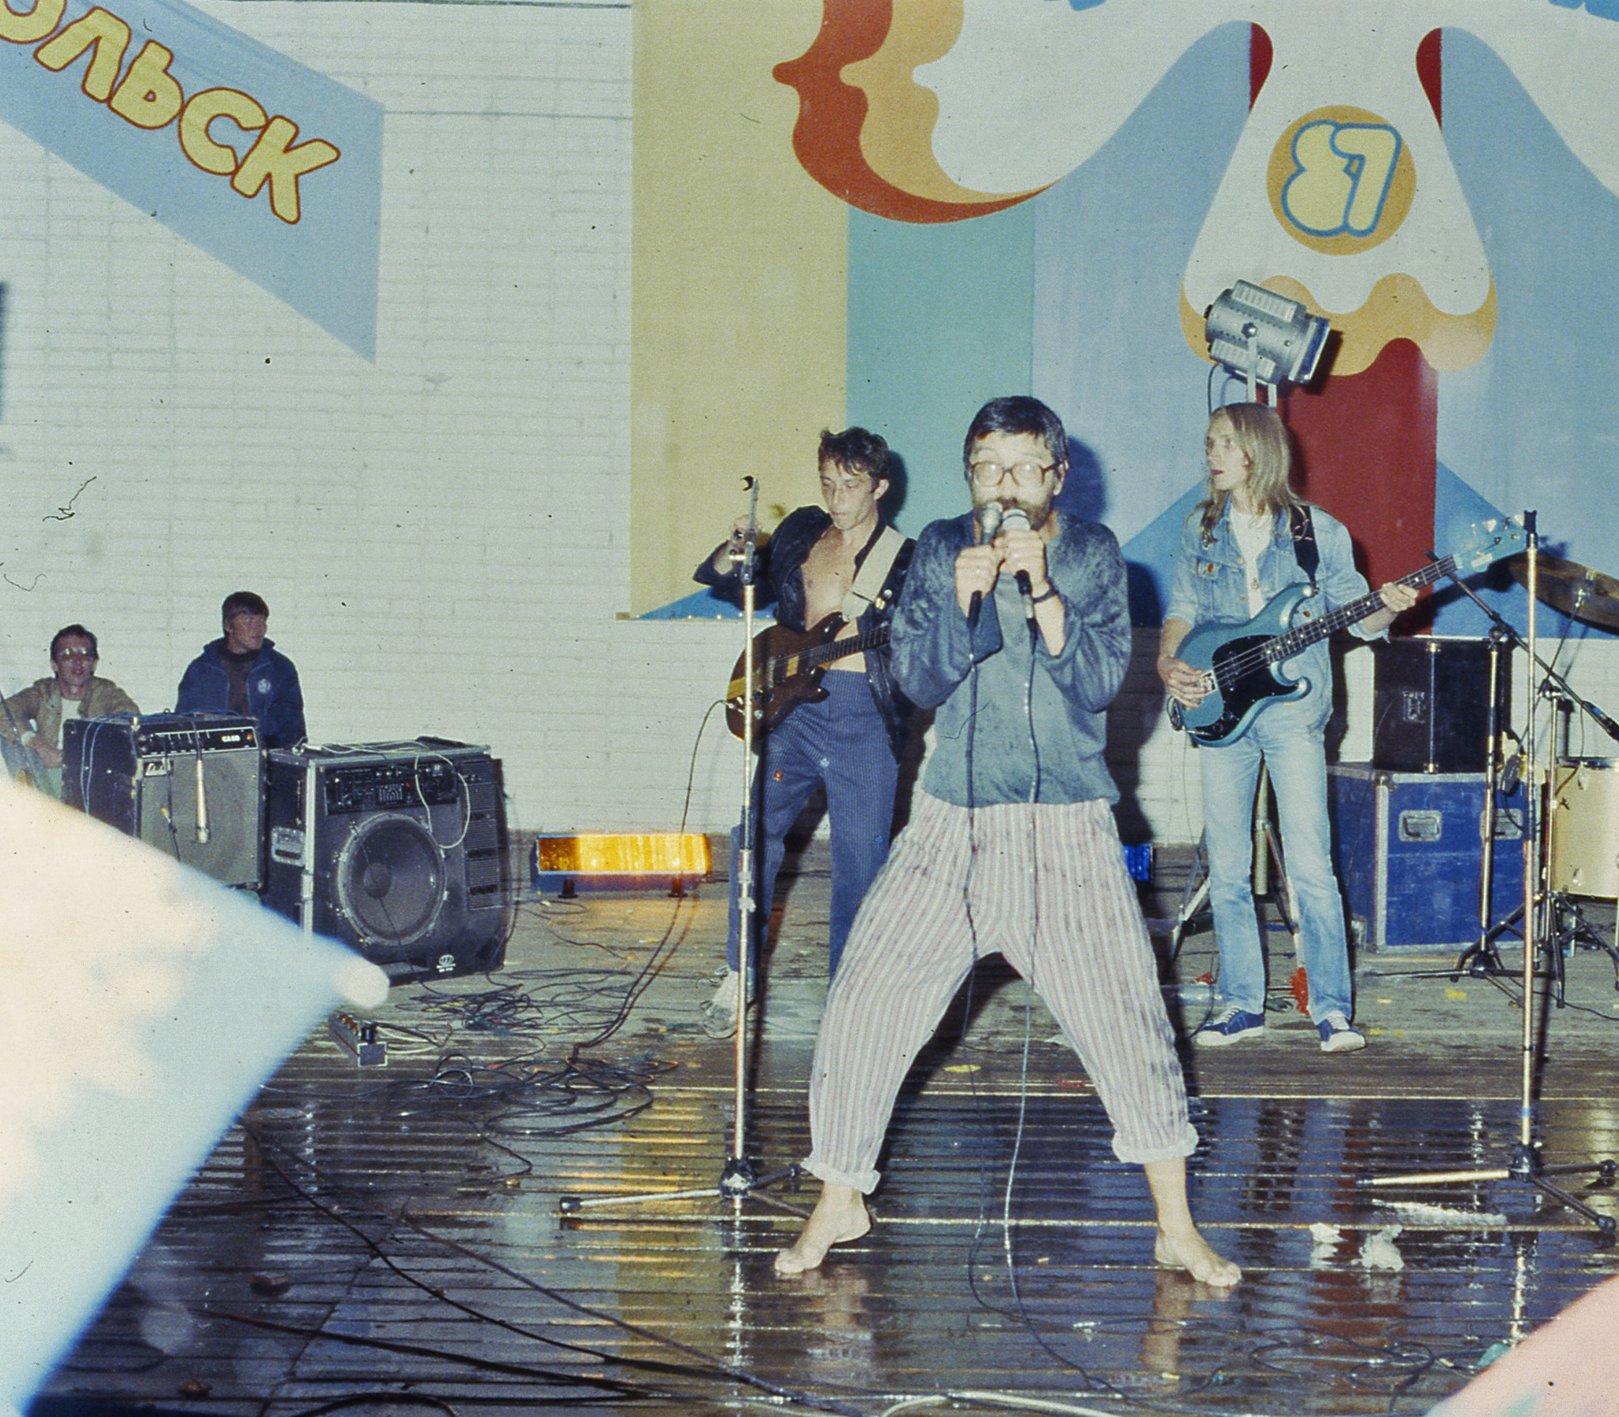 Рок-фестиваль Подольск-87 шарахнул, как шаровая молния